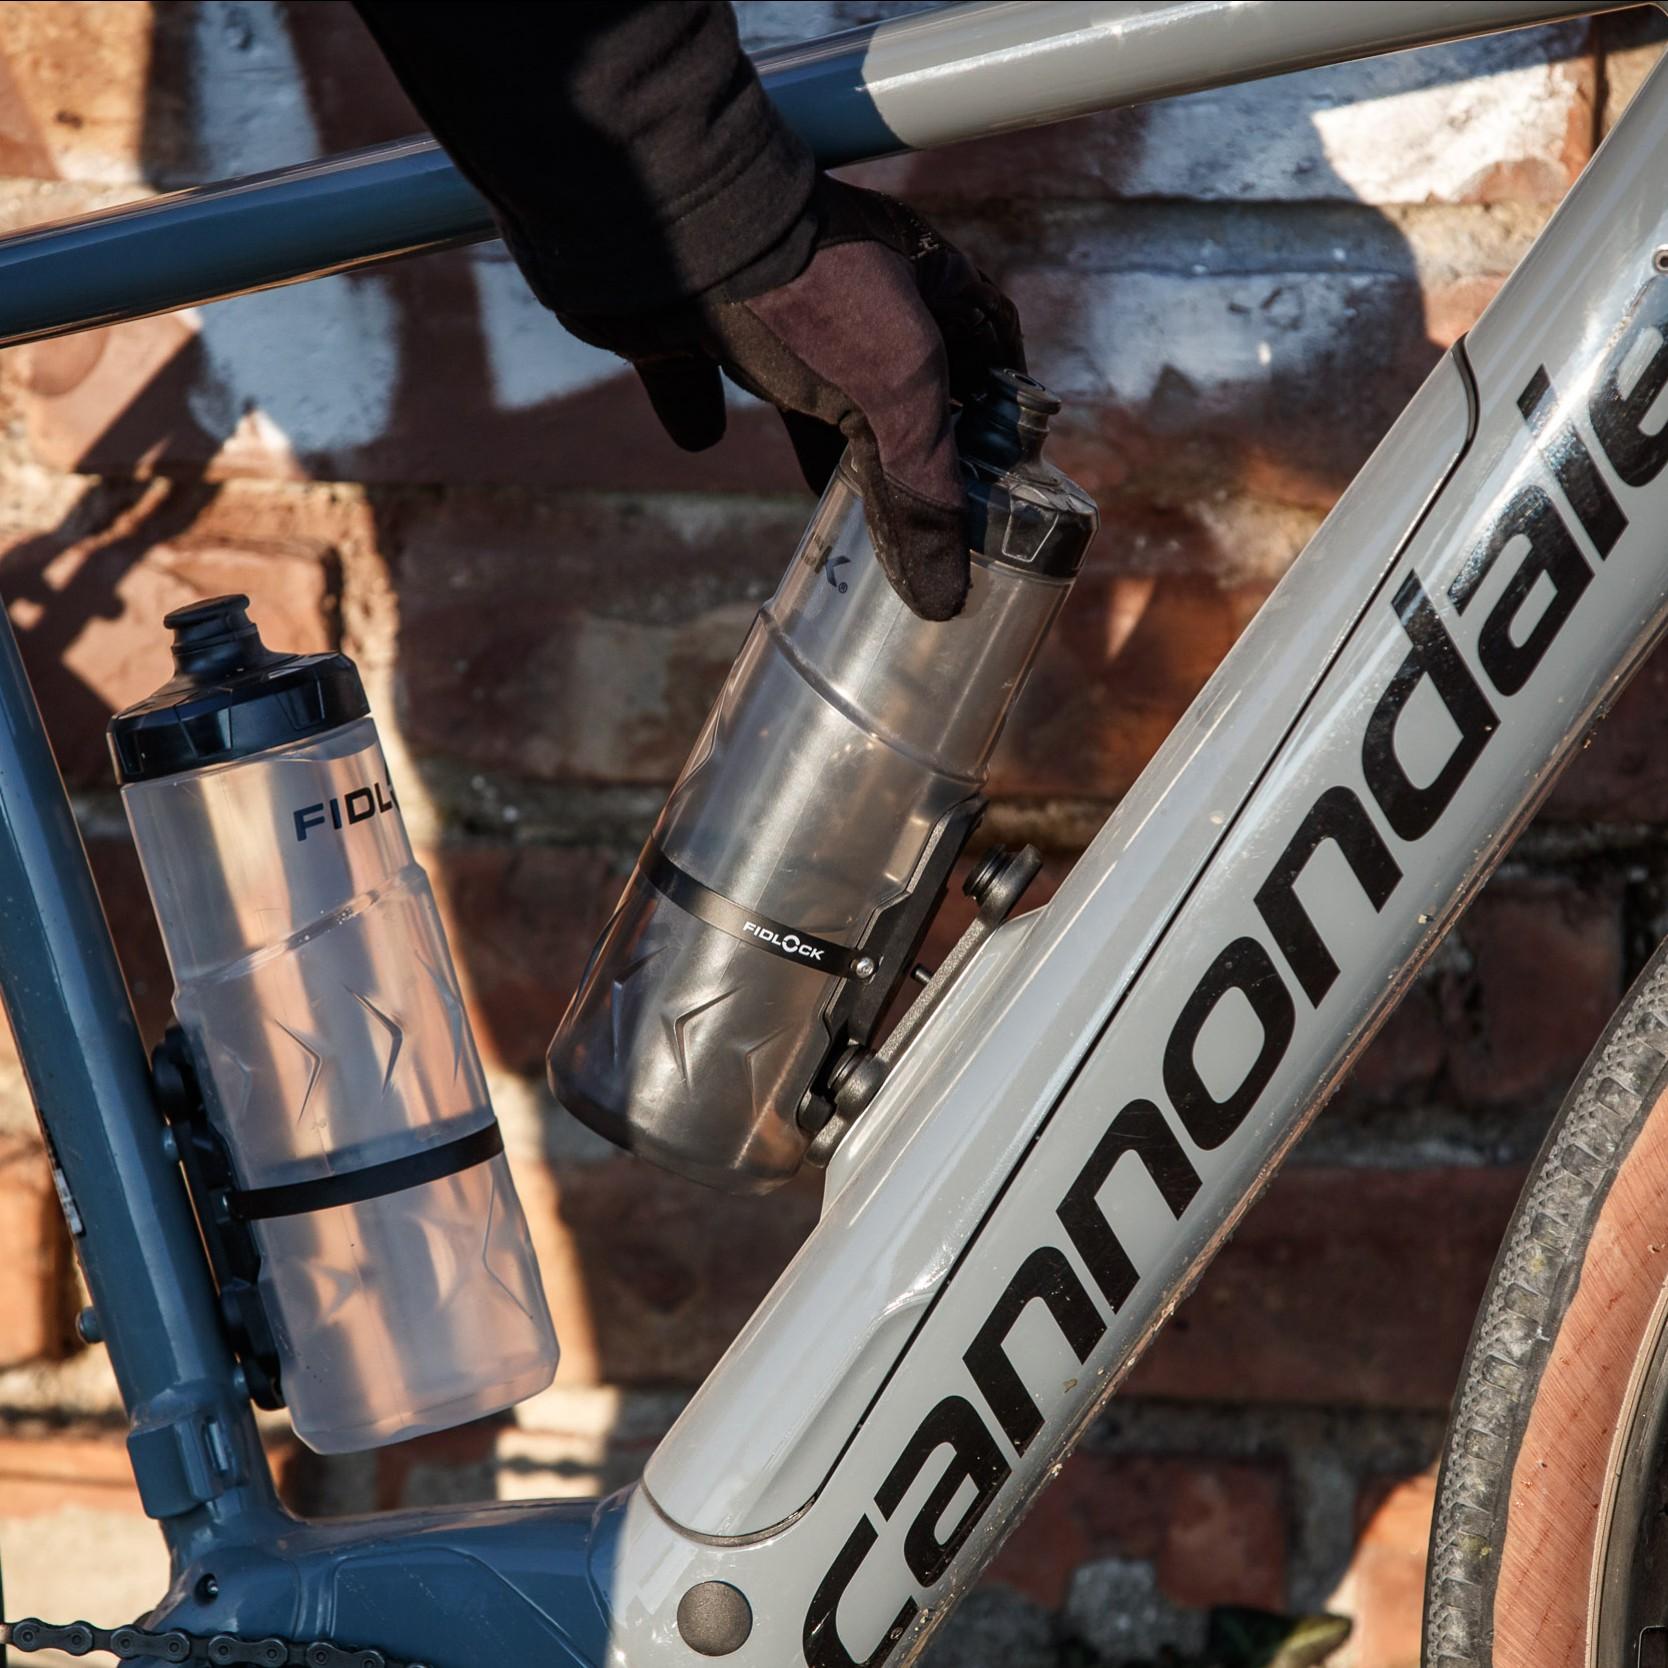 #4 Starke Magnete ziehen die Trinkflasche selbstständig in den Halter. Klick! Die mechanische Rastvorrichtung sorgt für eine feste Verbindung, auch wenn es über Stock und Stein geht.